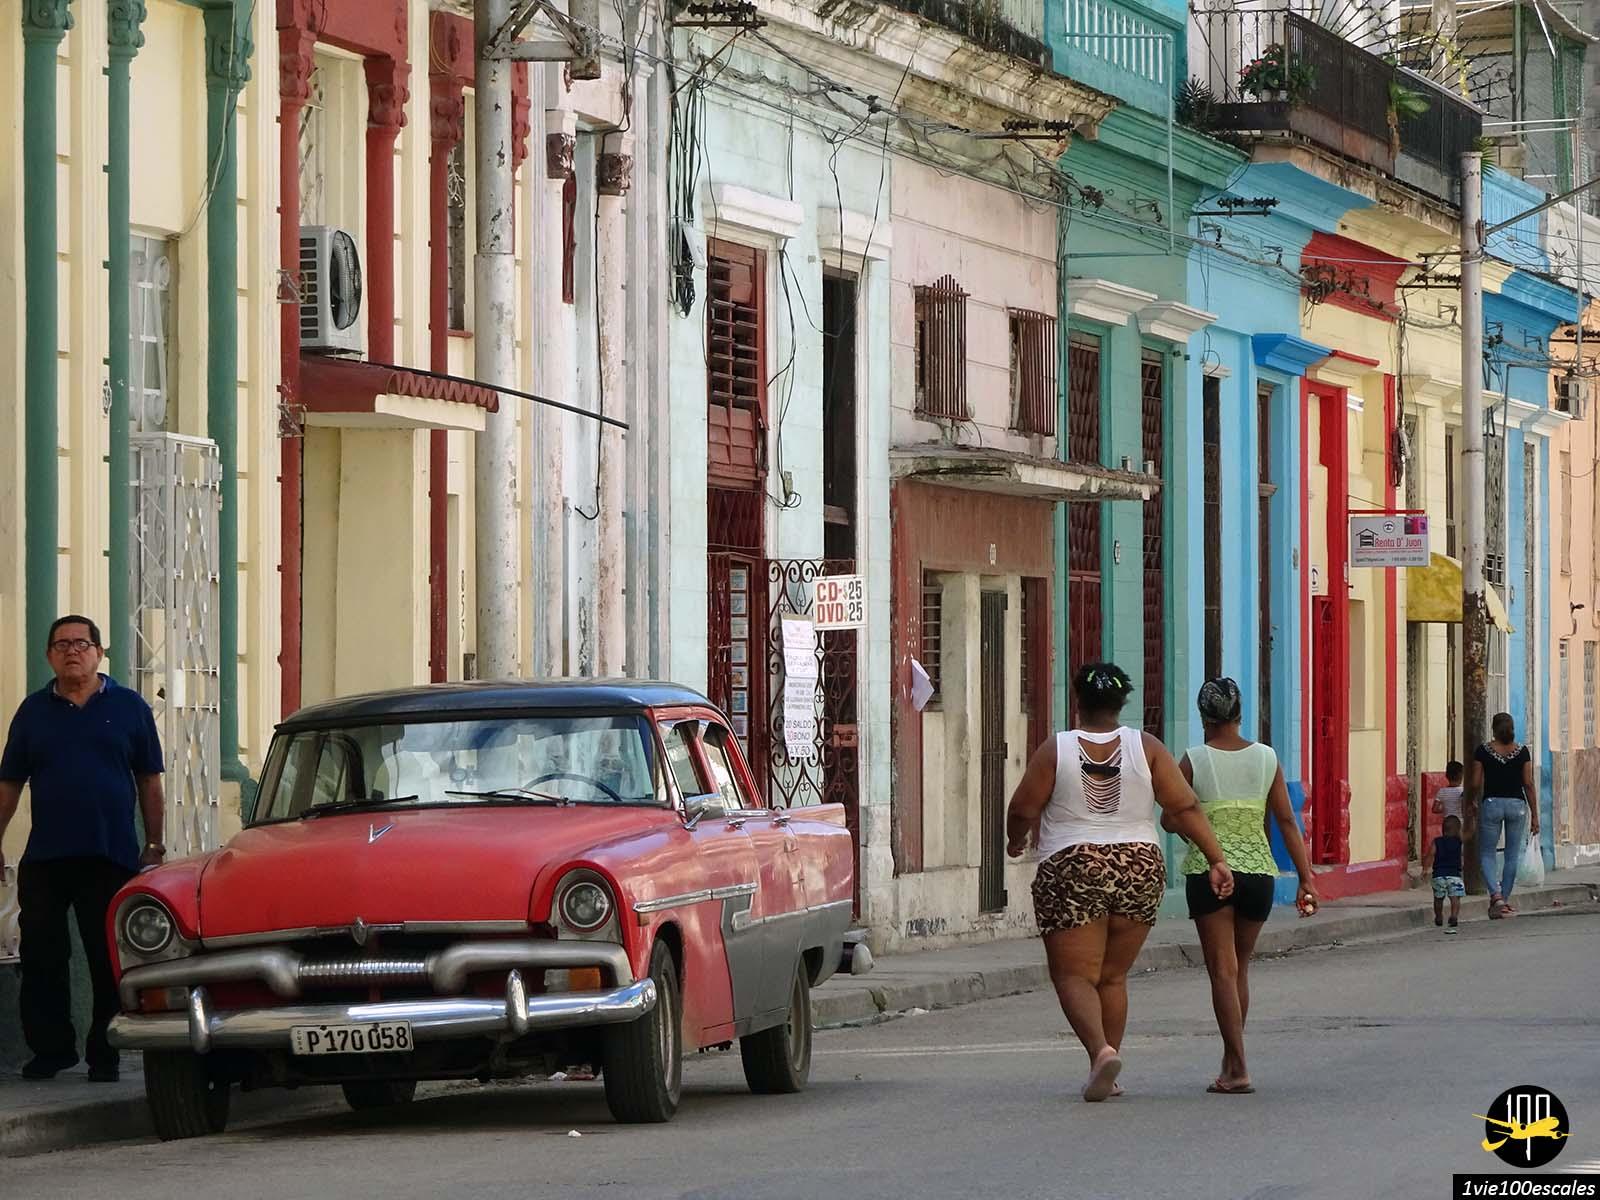 Une scène de vie ordinaire de La Havane à Cuba